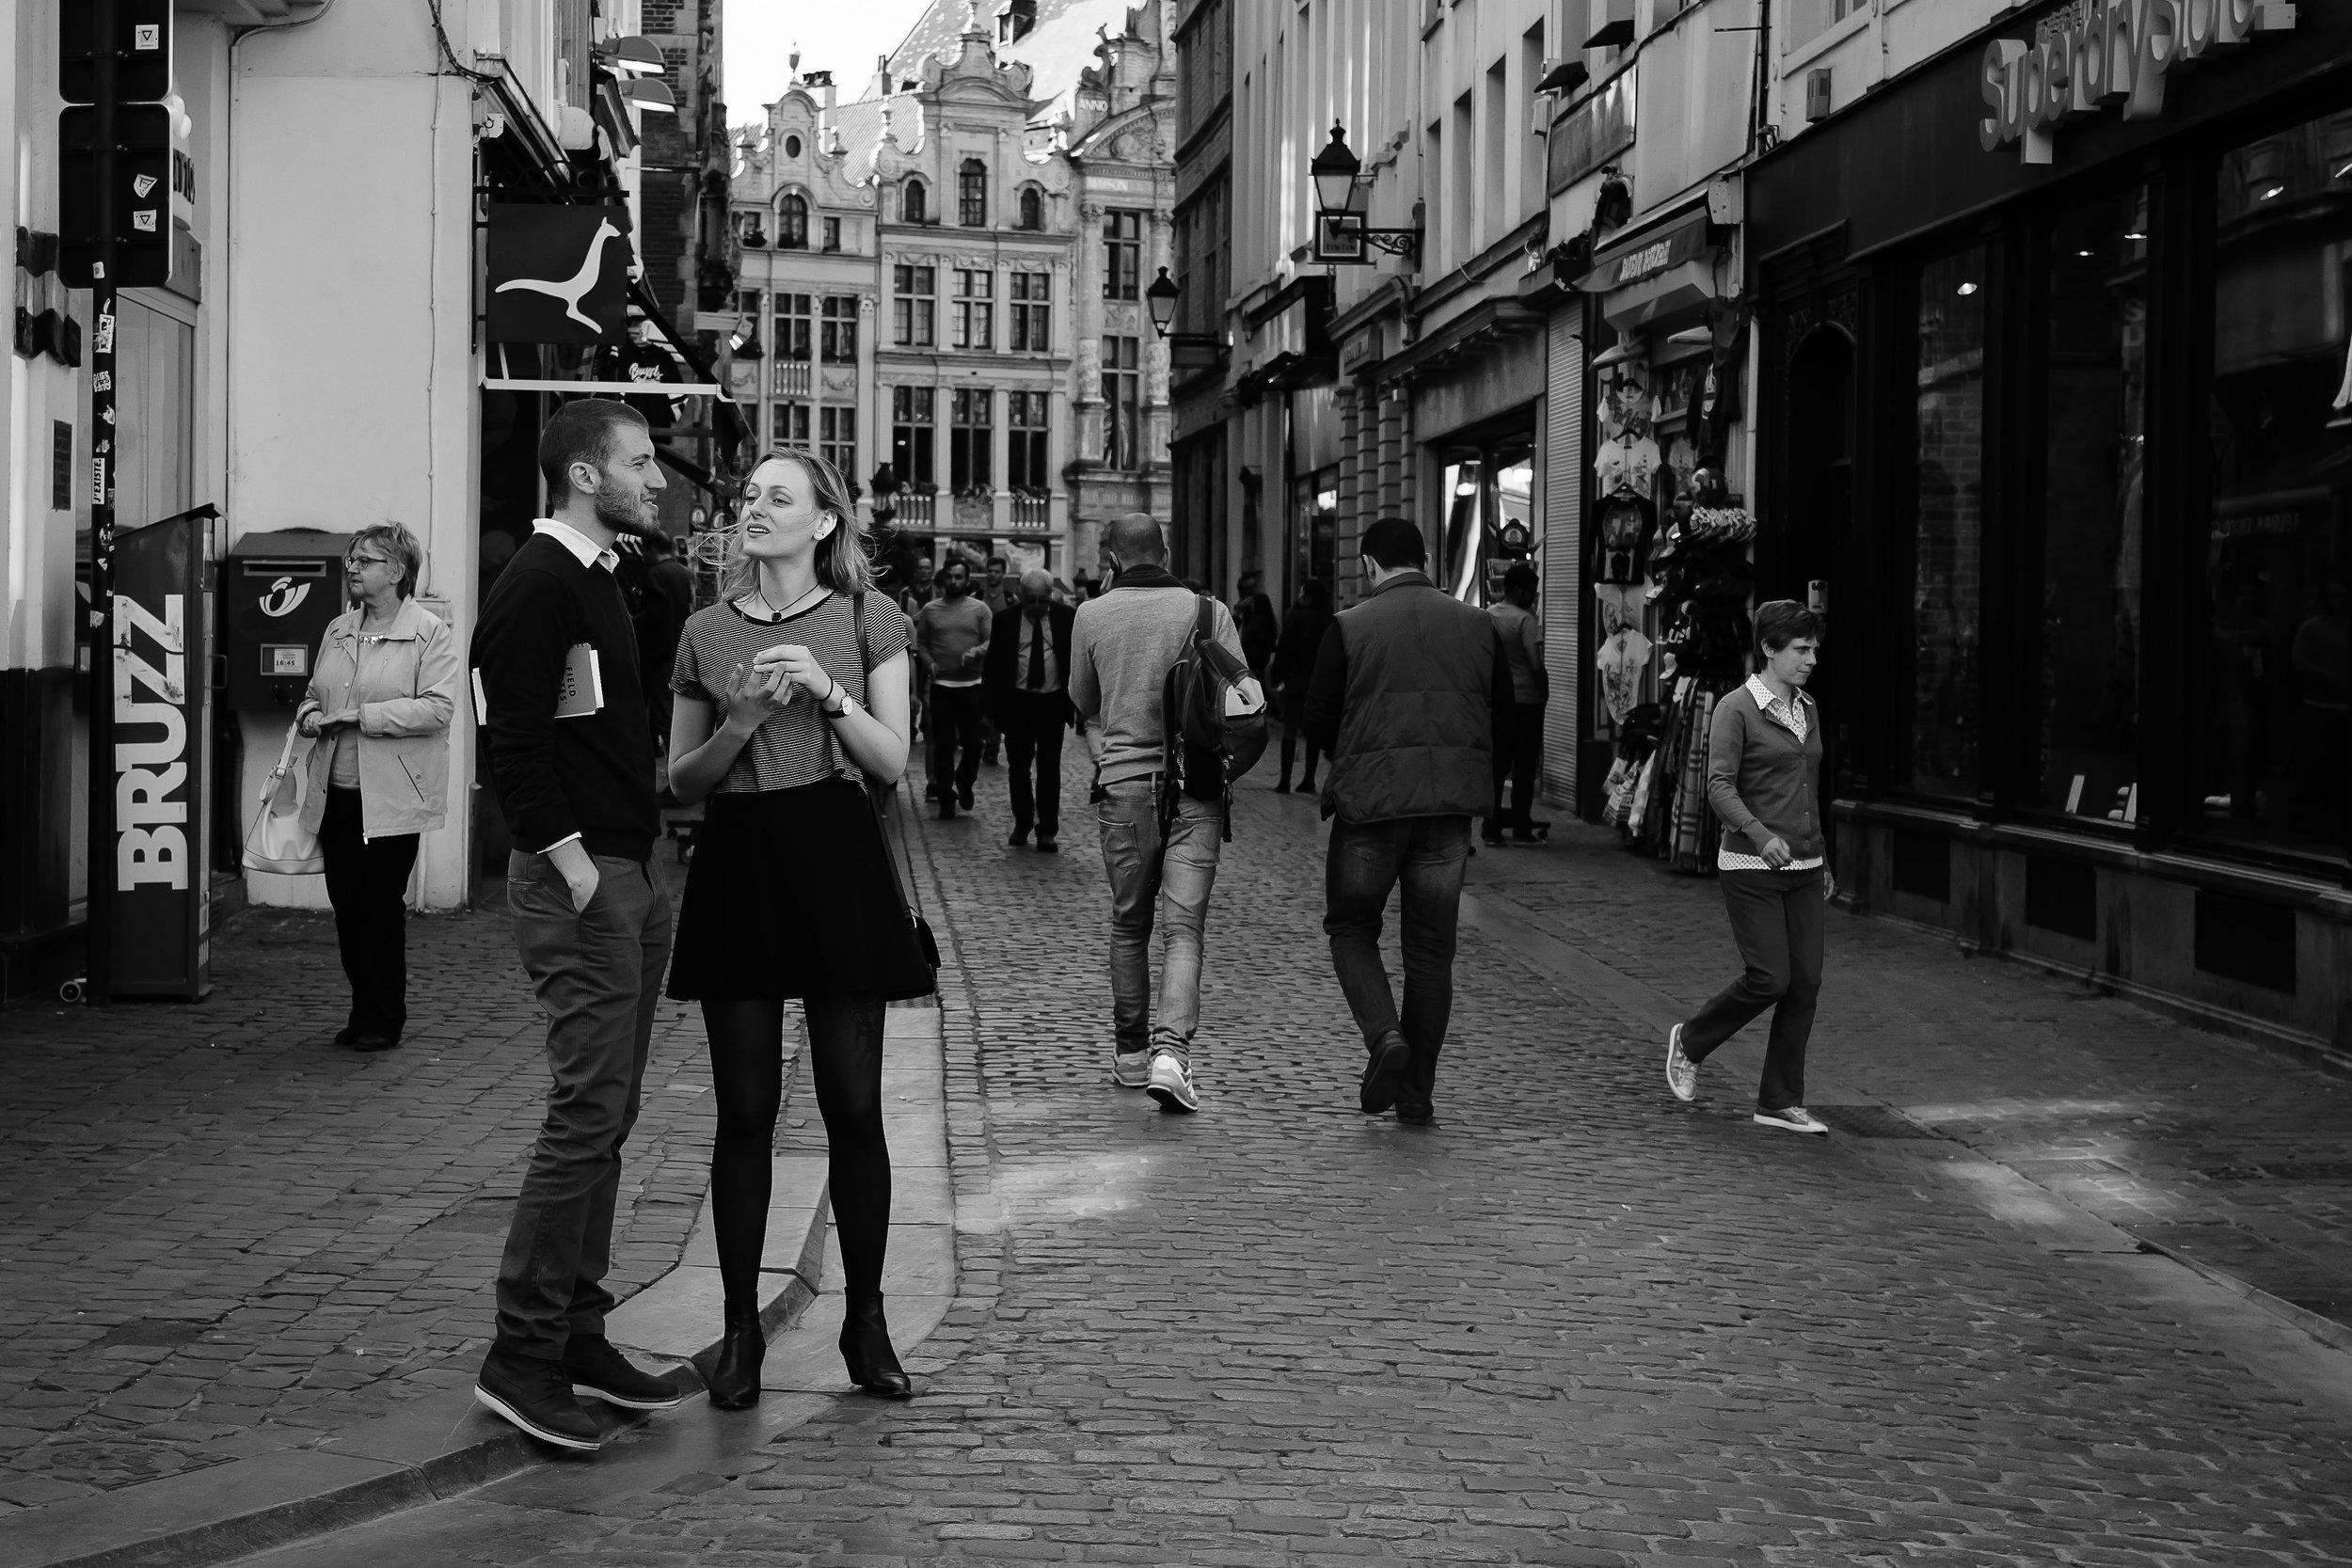 viewfinder-straatfotografie-brussel-jong-koppel-spreekt-verder-af